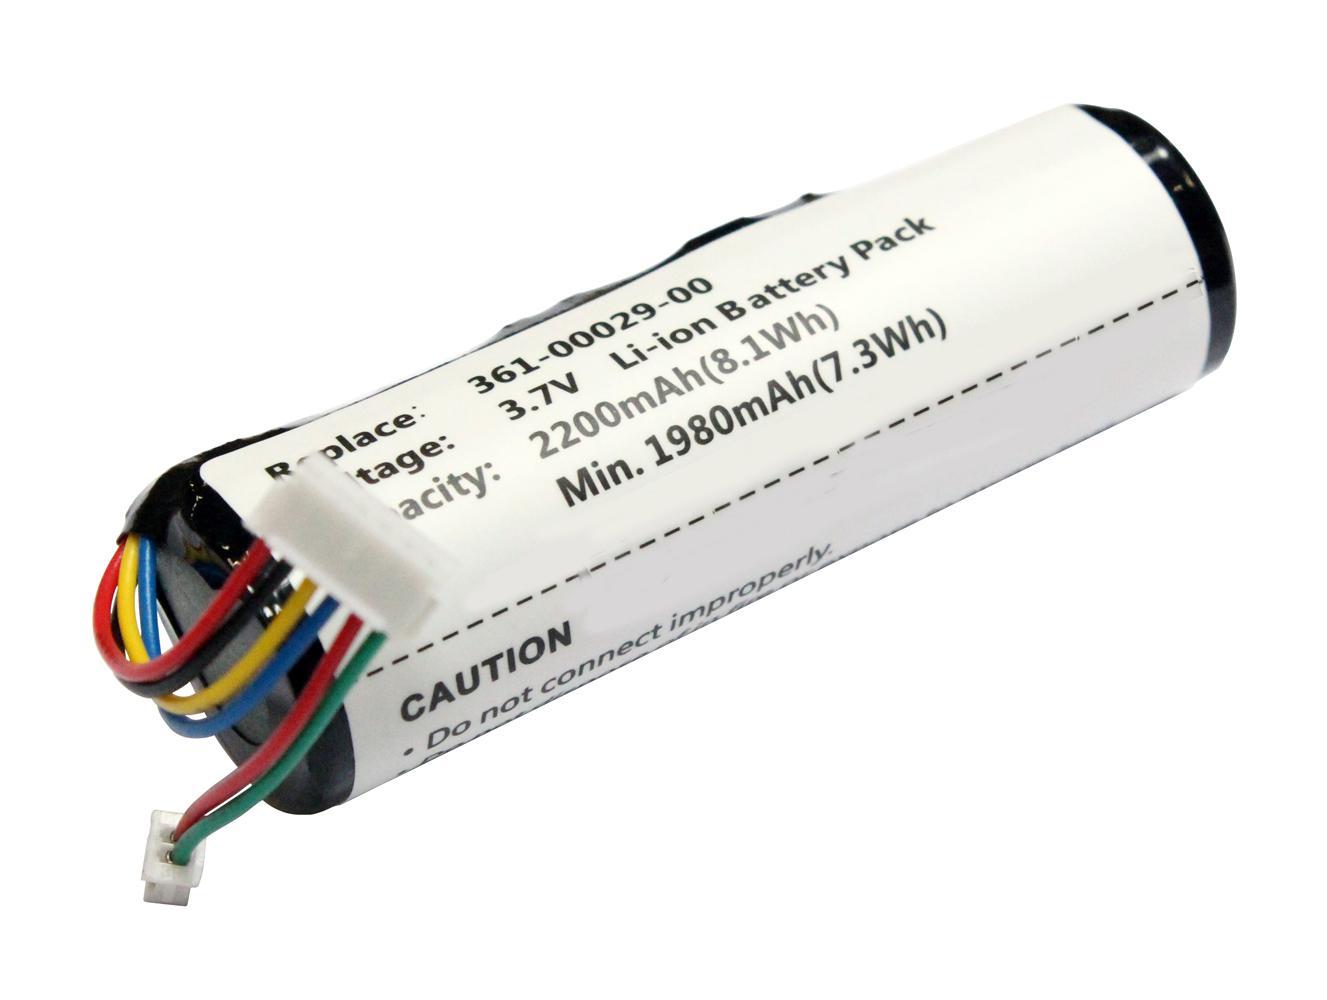 Gps Equipment 010 10806 0 Battery For Garmin Astro